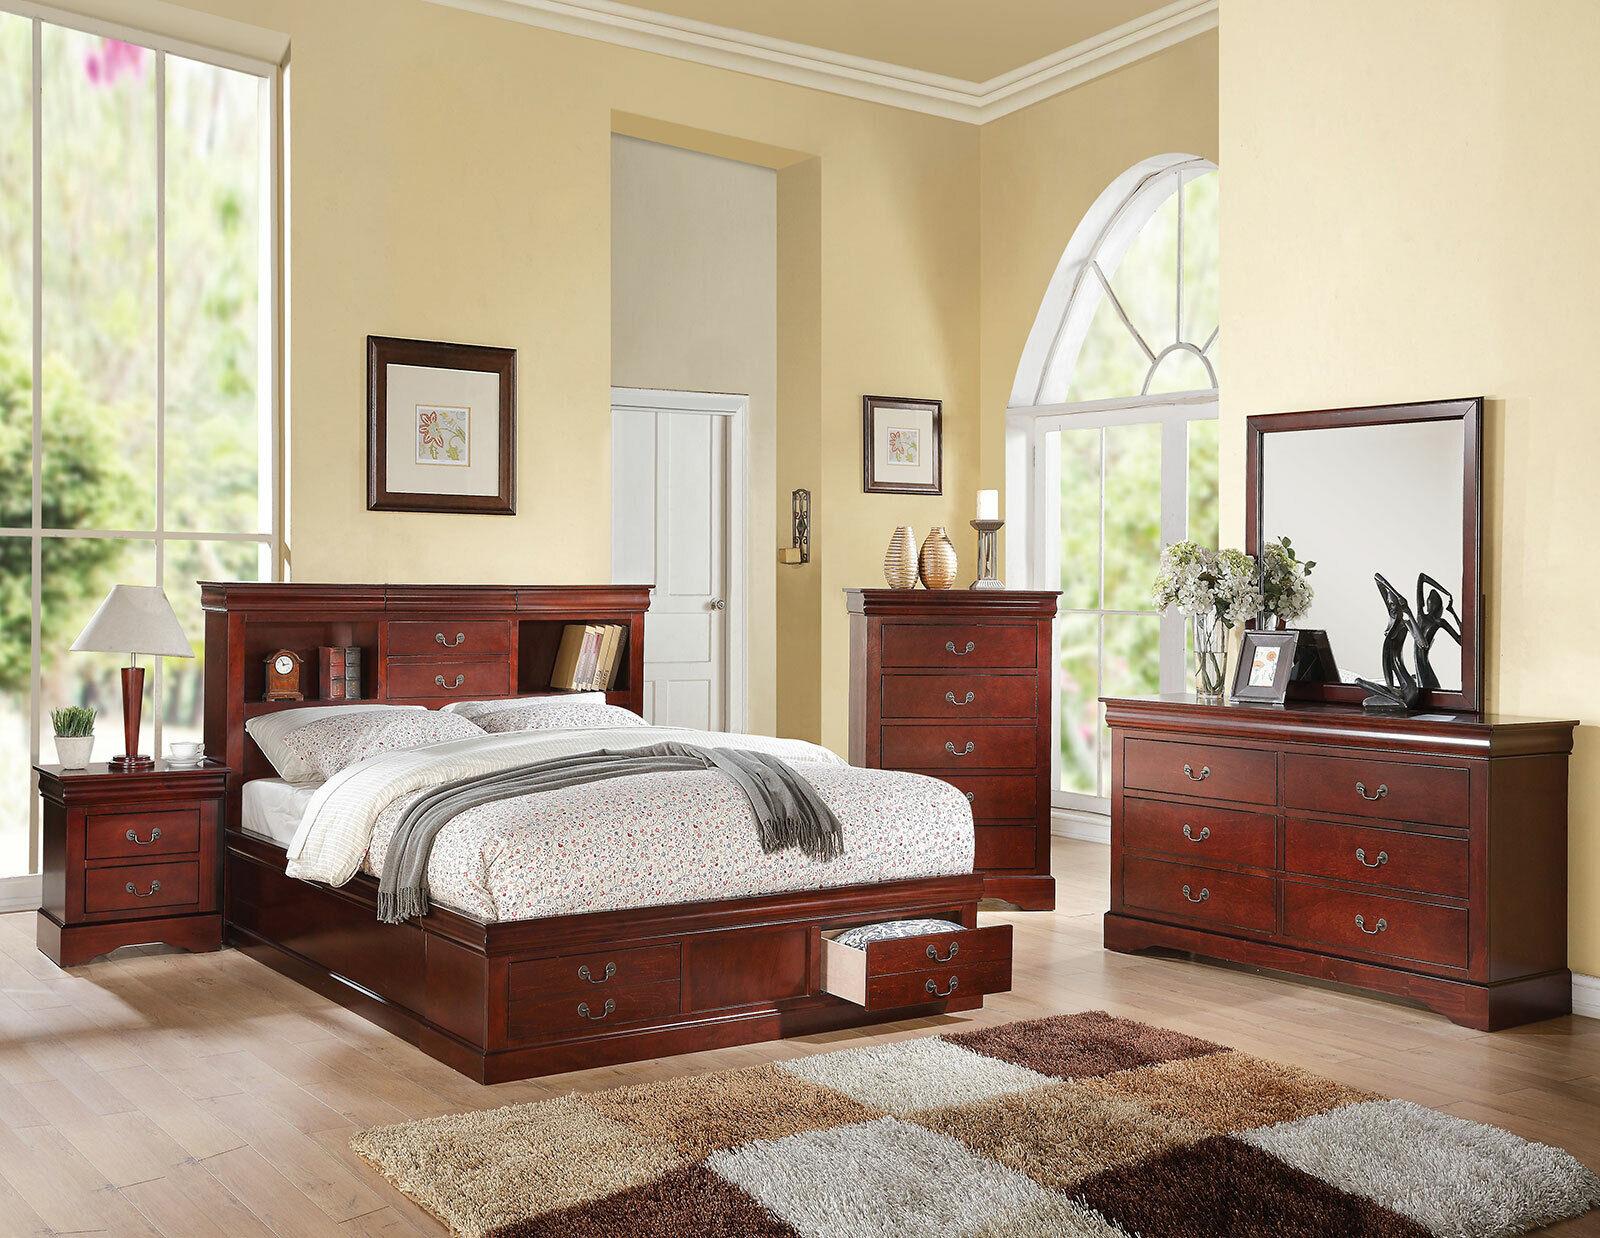 Picture of: 4 Piece Bedroom Set Merlot Queen Platform Storage Bed Bookcase Headboard For Sale Online Ebay